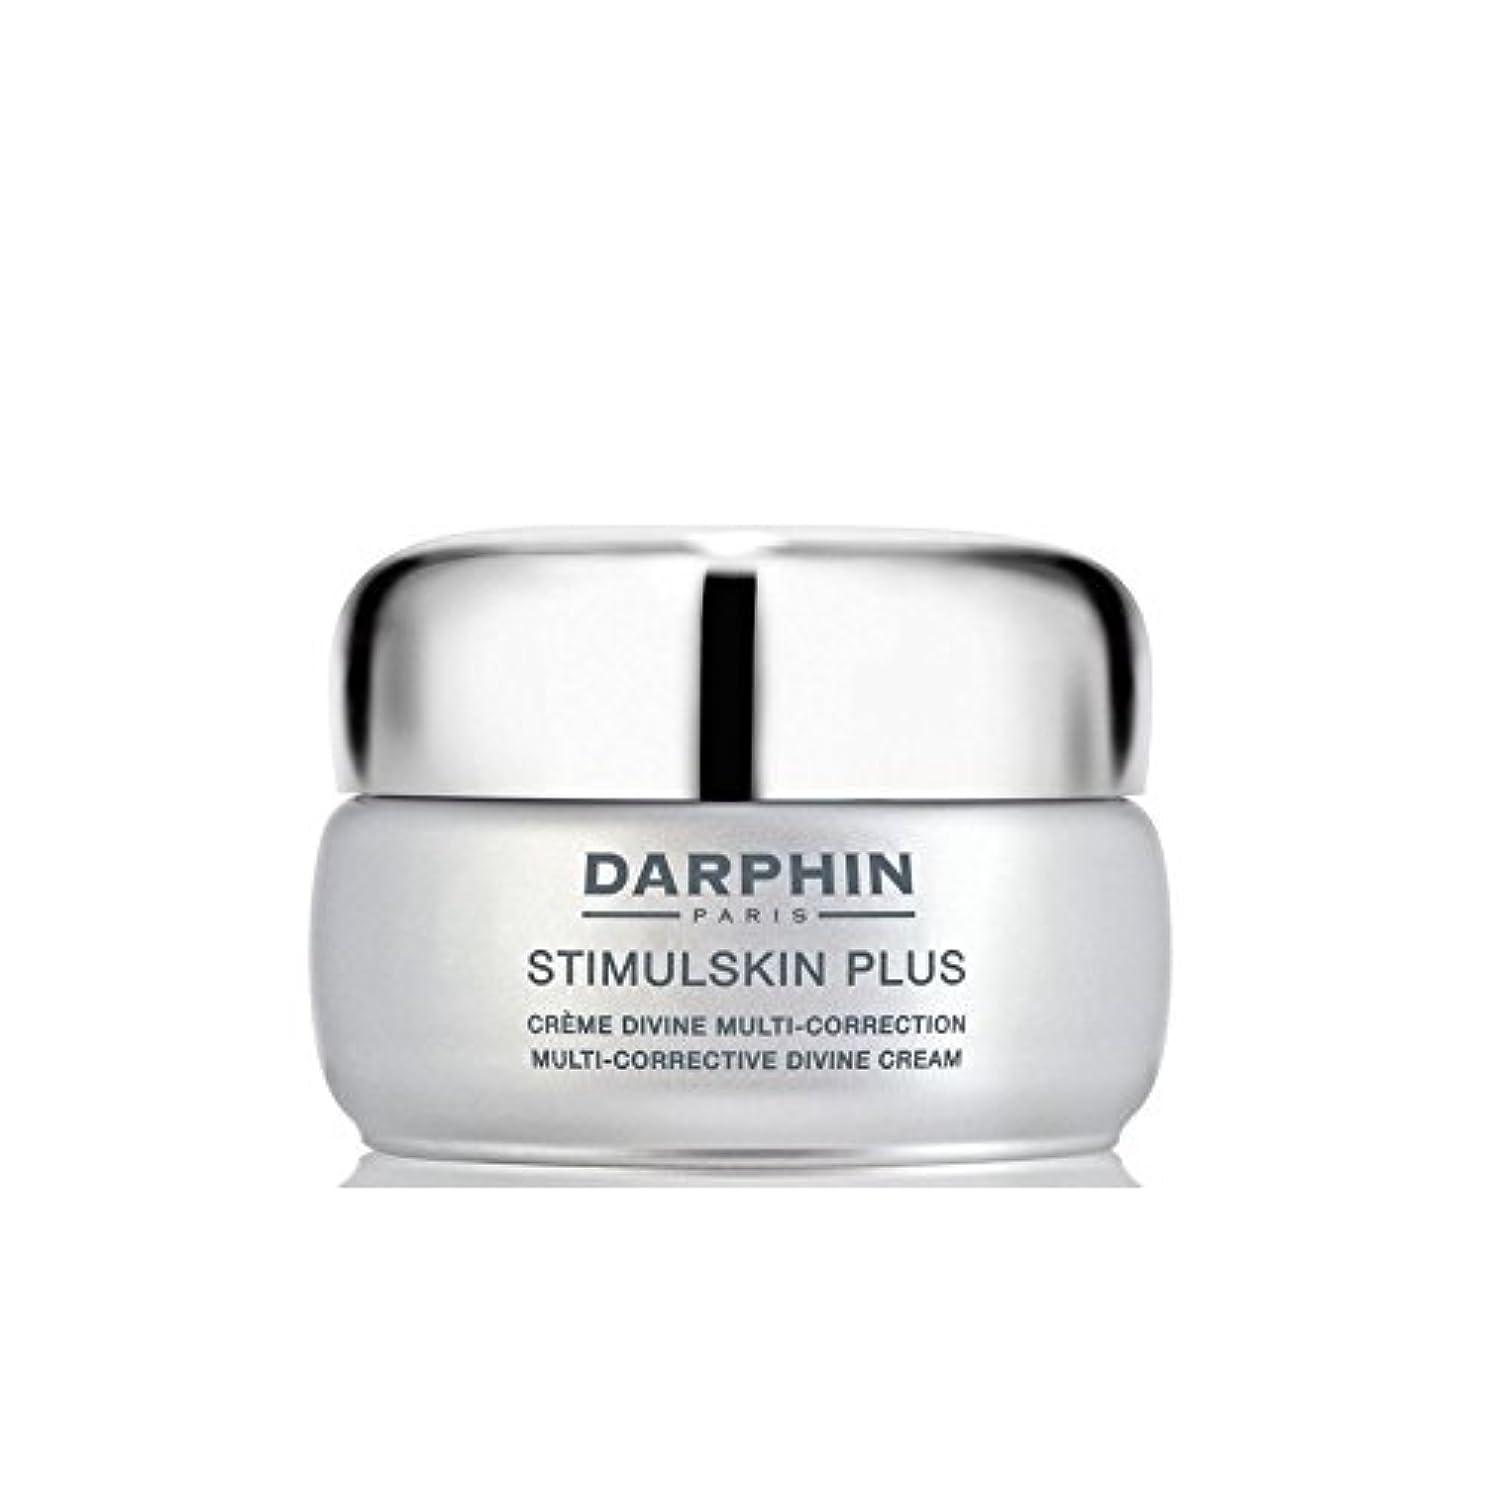 ラメ縮約失望させるダルファンスティプラスマルチ是正神クリーム - 豊富 x4 - Darphin Stimulskin Plus Multi-Corrective Divine Cream - Rich (Pack of 4) [並行輸入品]